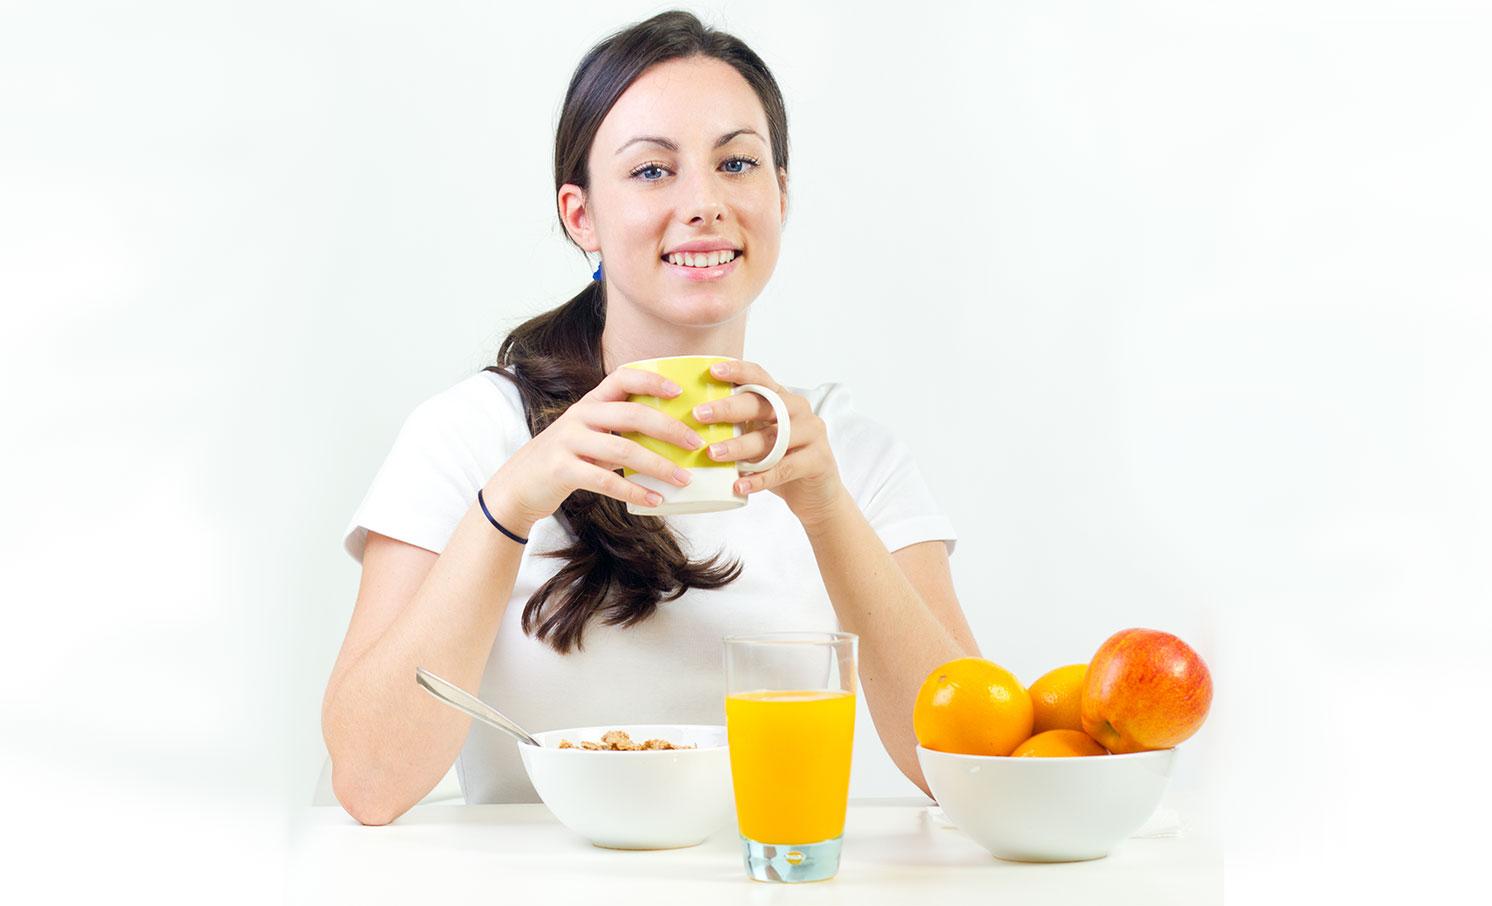 Похудение Без Строгих Диет. Как быстро похудеть без диет в домашних условиях: шанс есть!